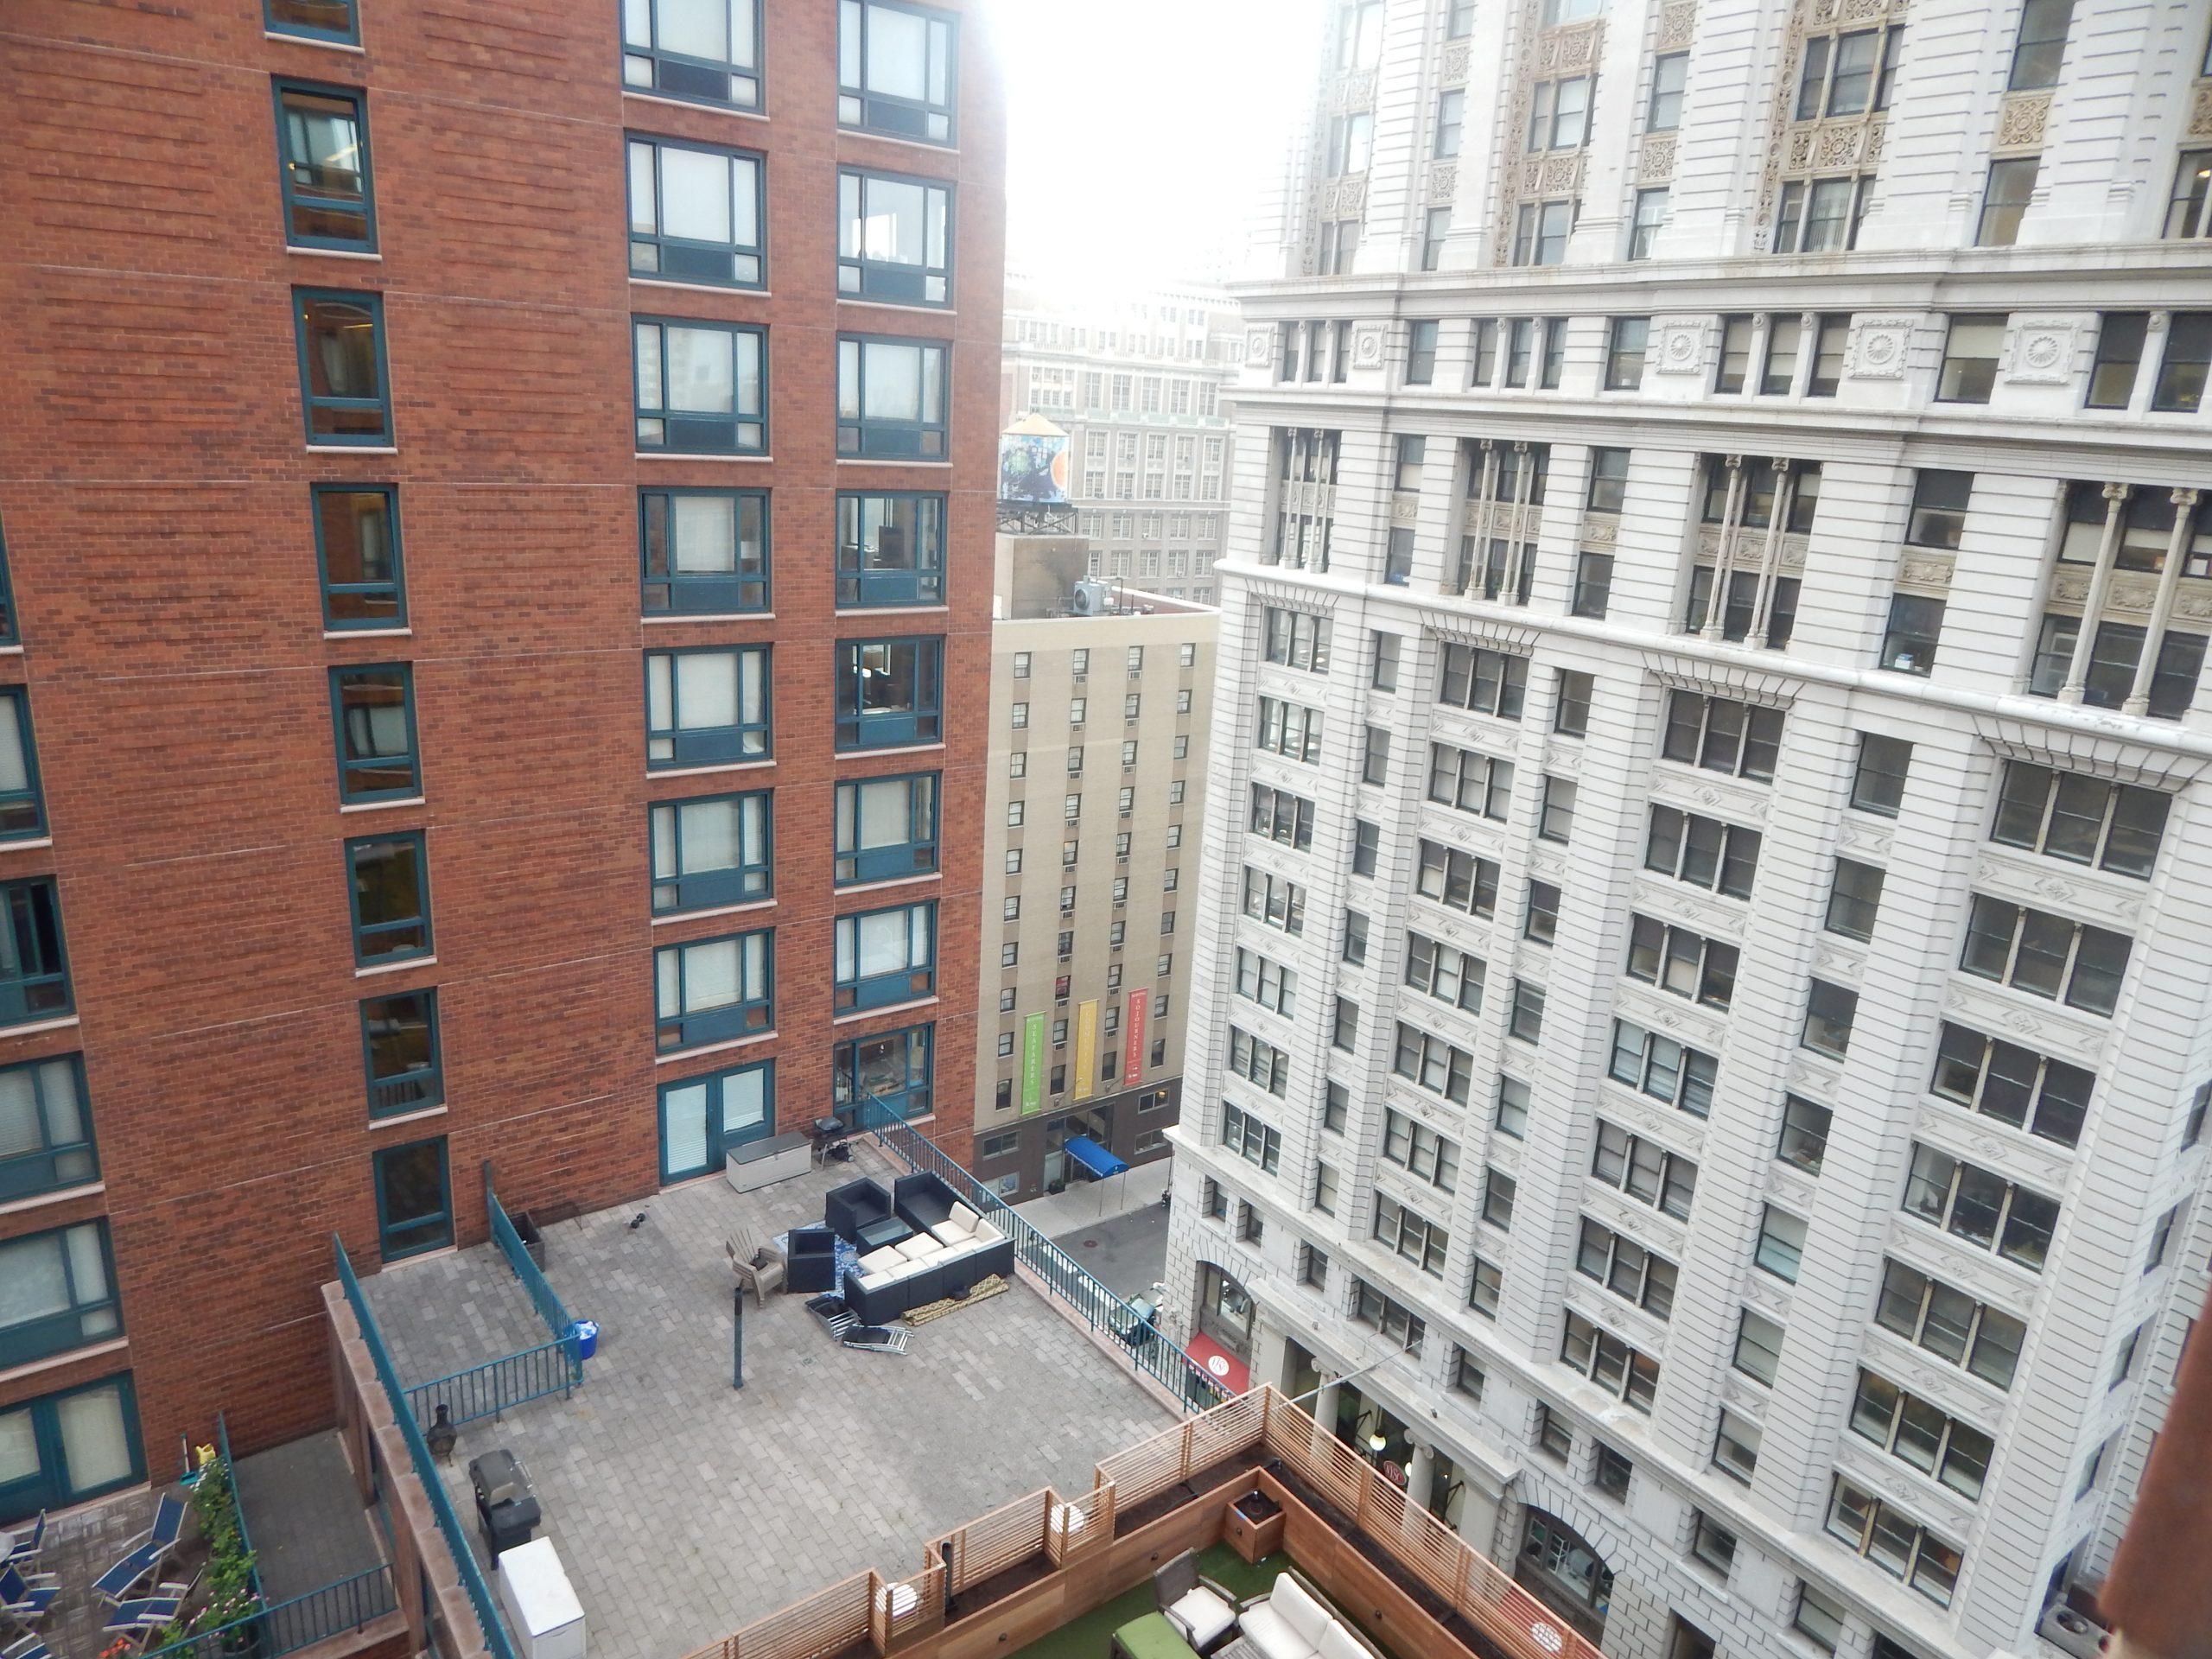 Vivir en Nueva York vuelve a salir caro pese a los escaparates vacíos